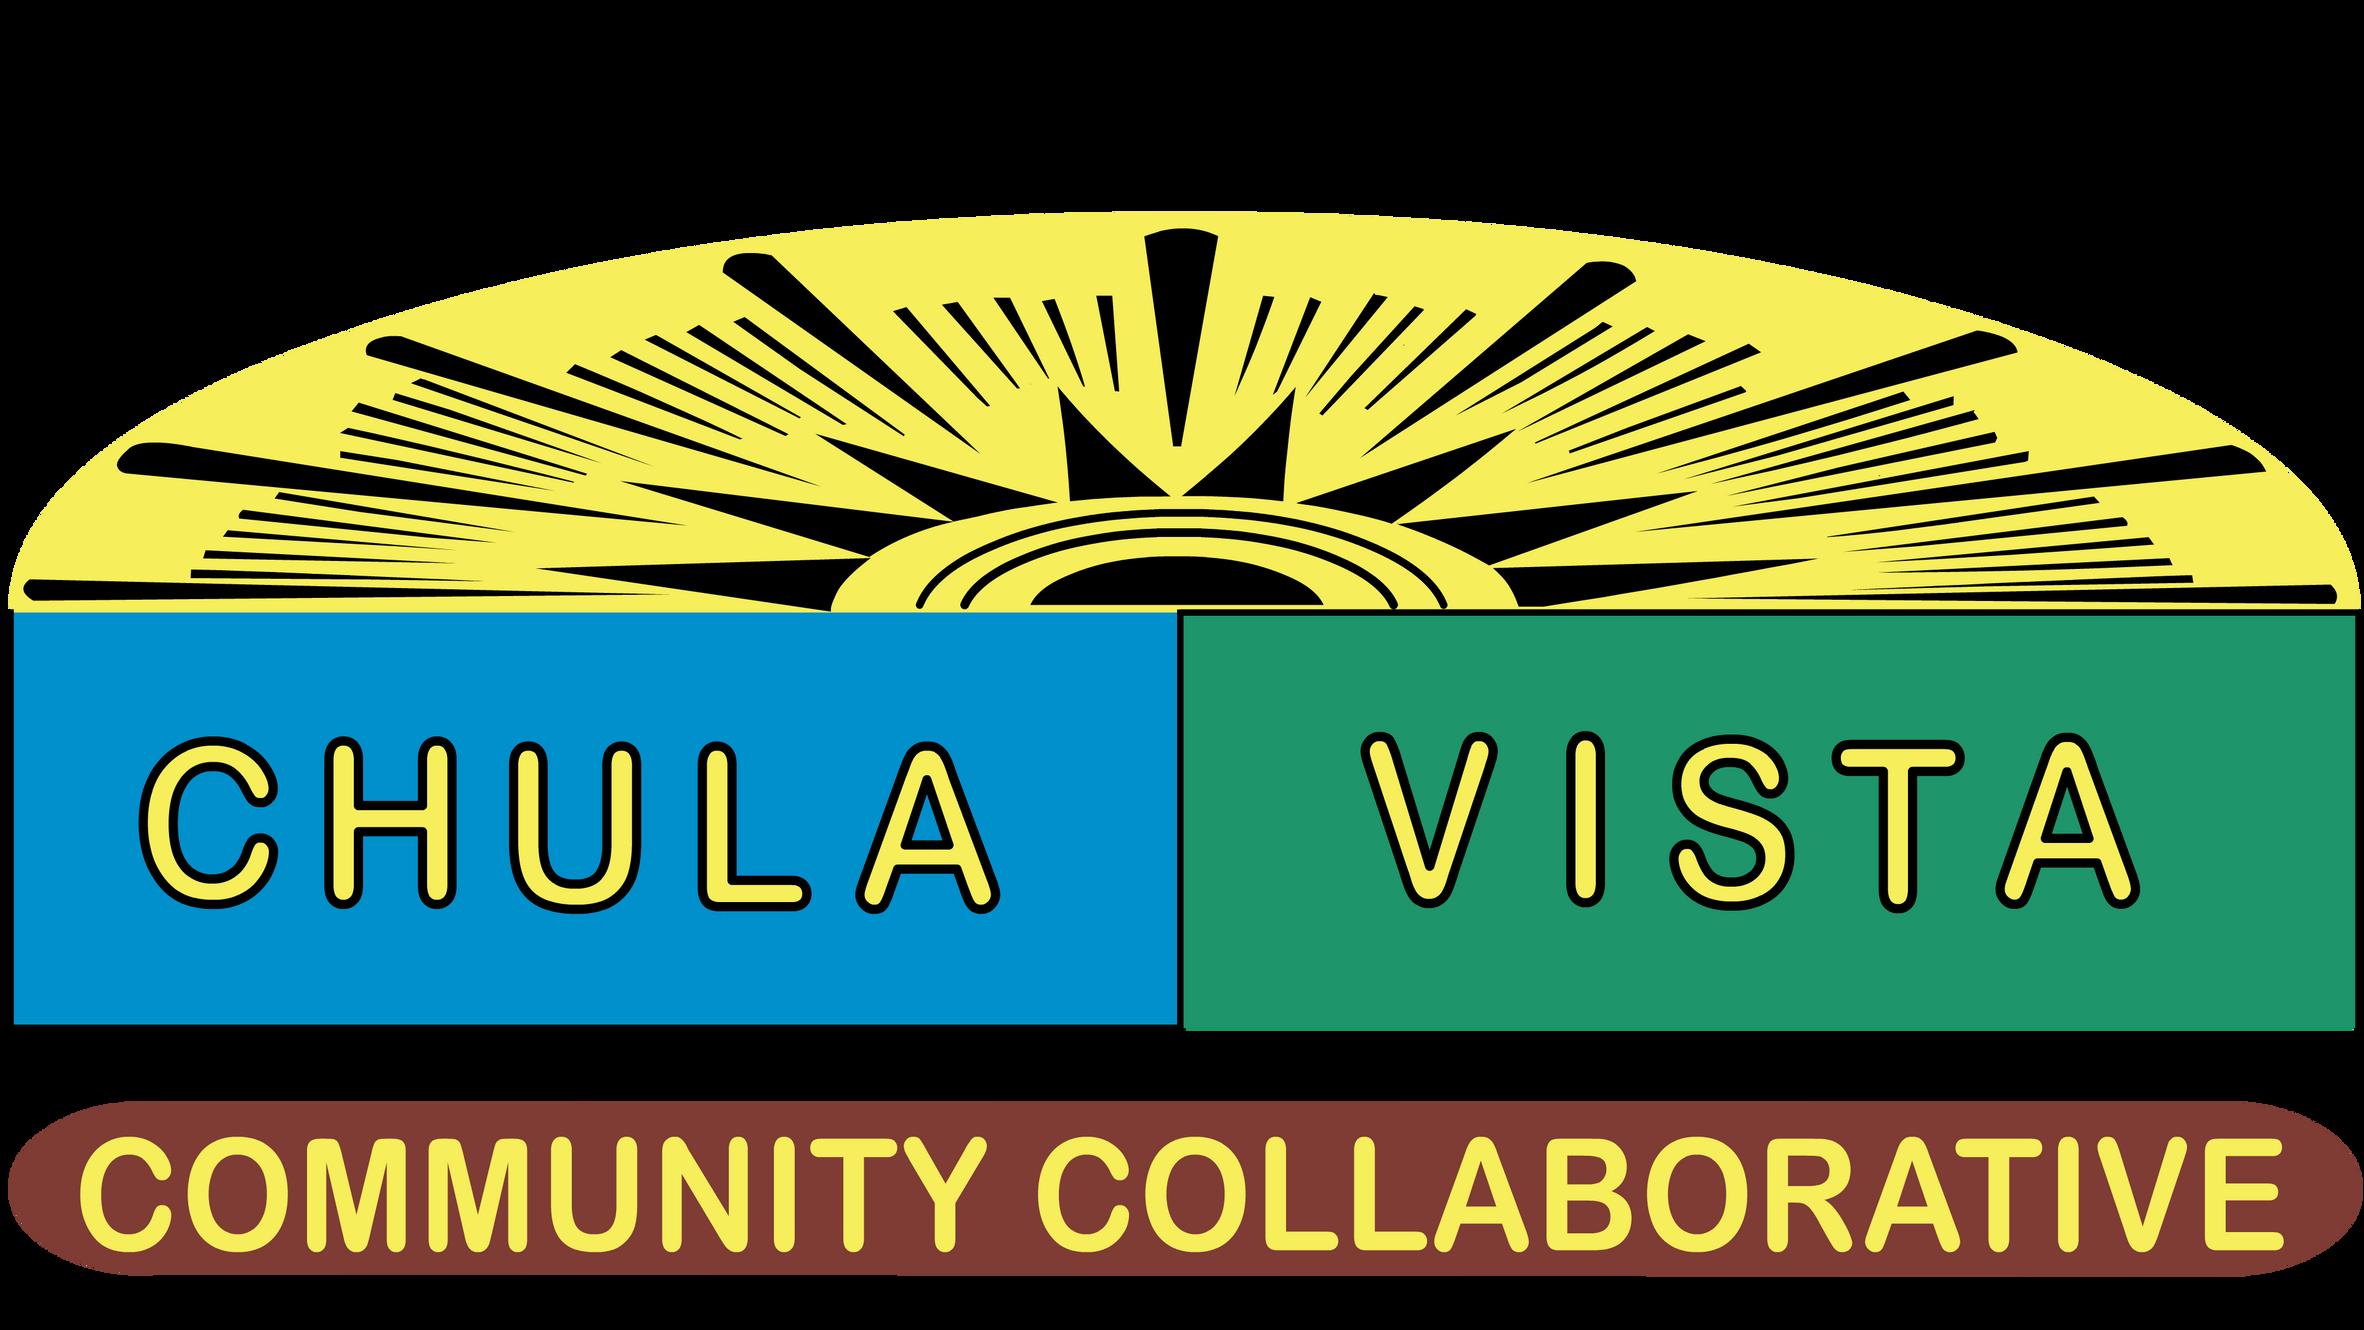 Chula Vista Community Collaborative   Chula Vista